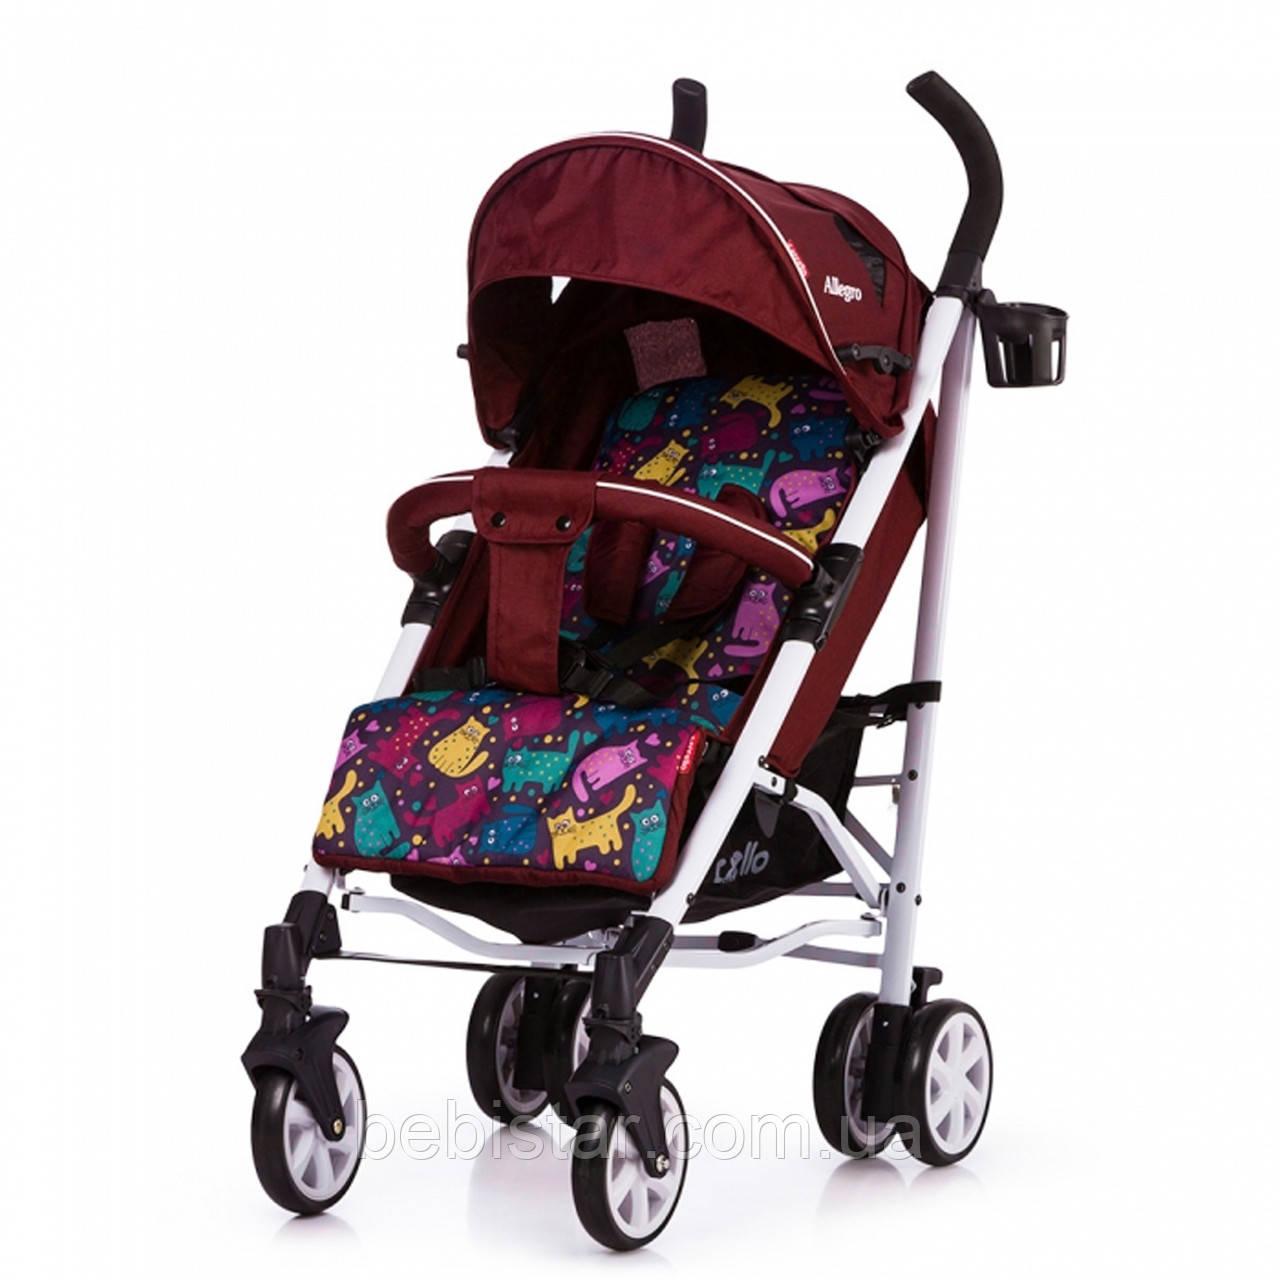 Детская коляска-трость CARRELLO Allegro CRL-10101/1 Kitty Red в льне